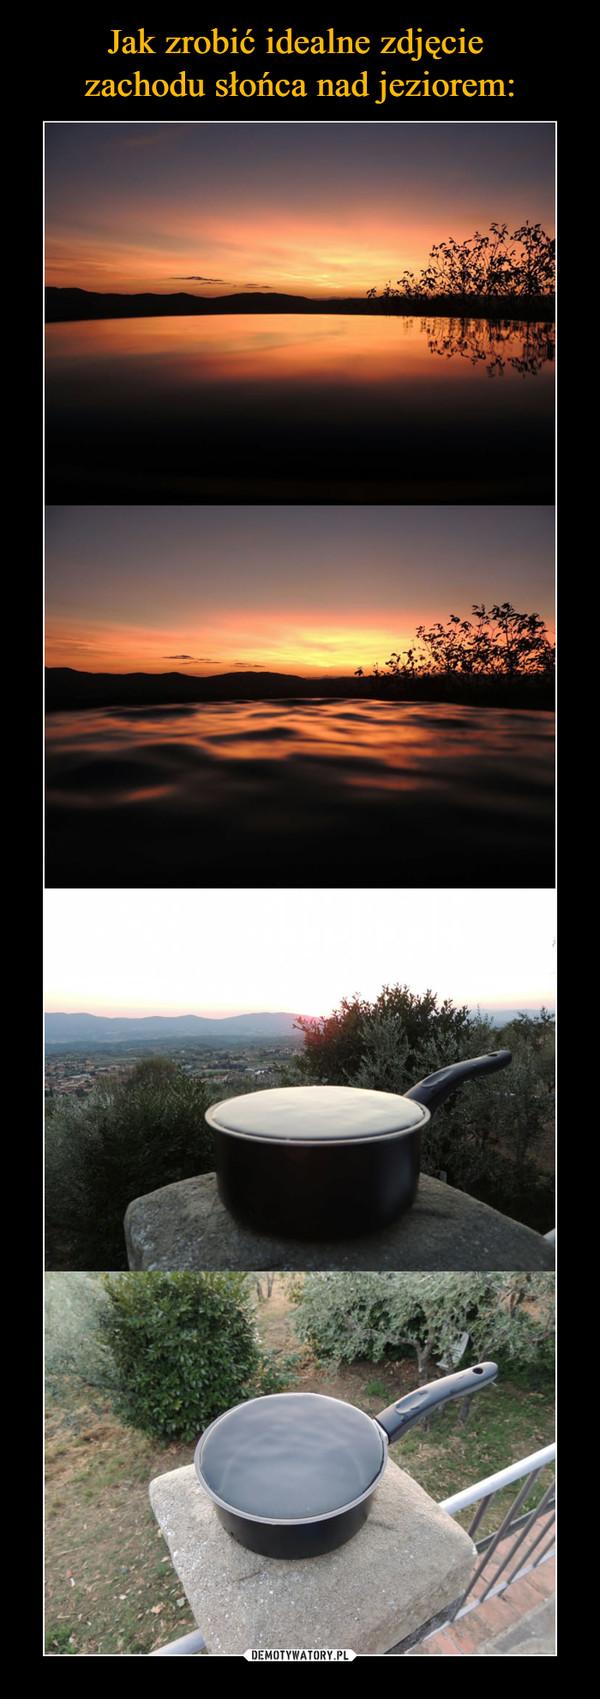 Jak zrobić idealne zdjęcie  zachodu słońca nad jeziorem: